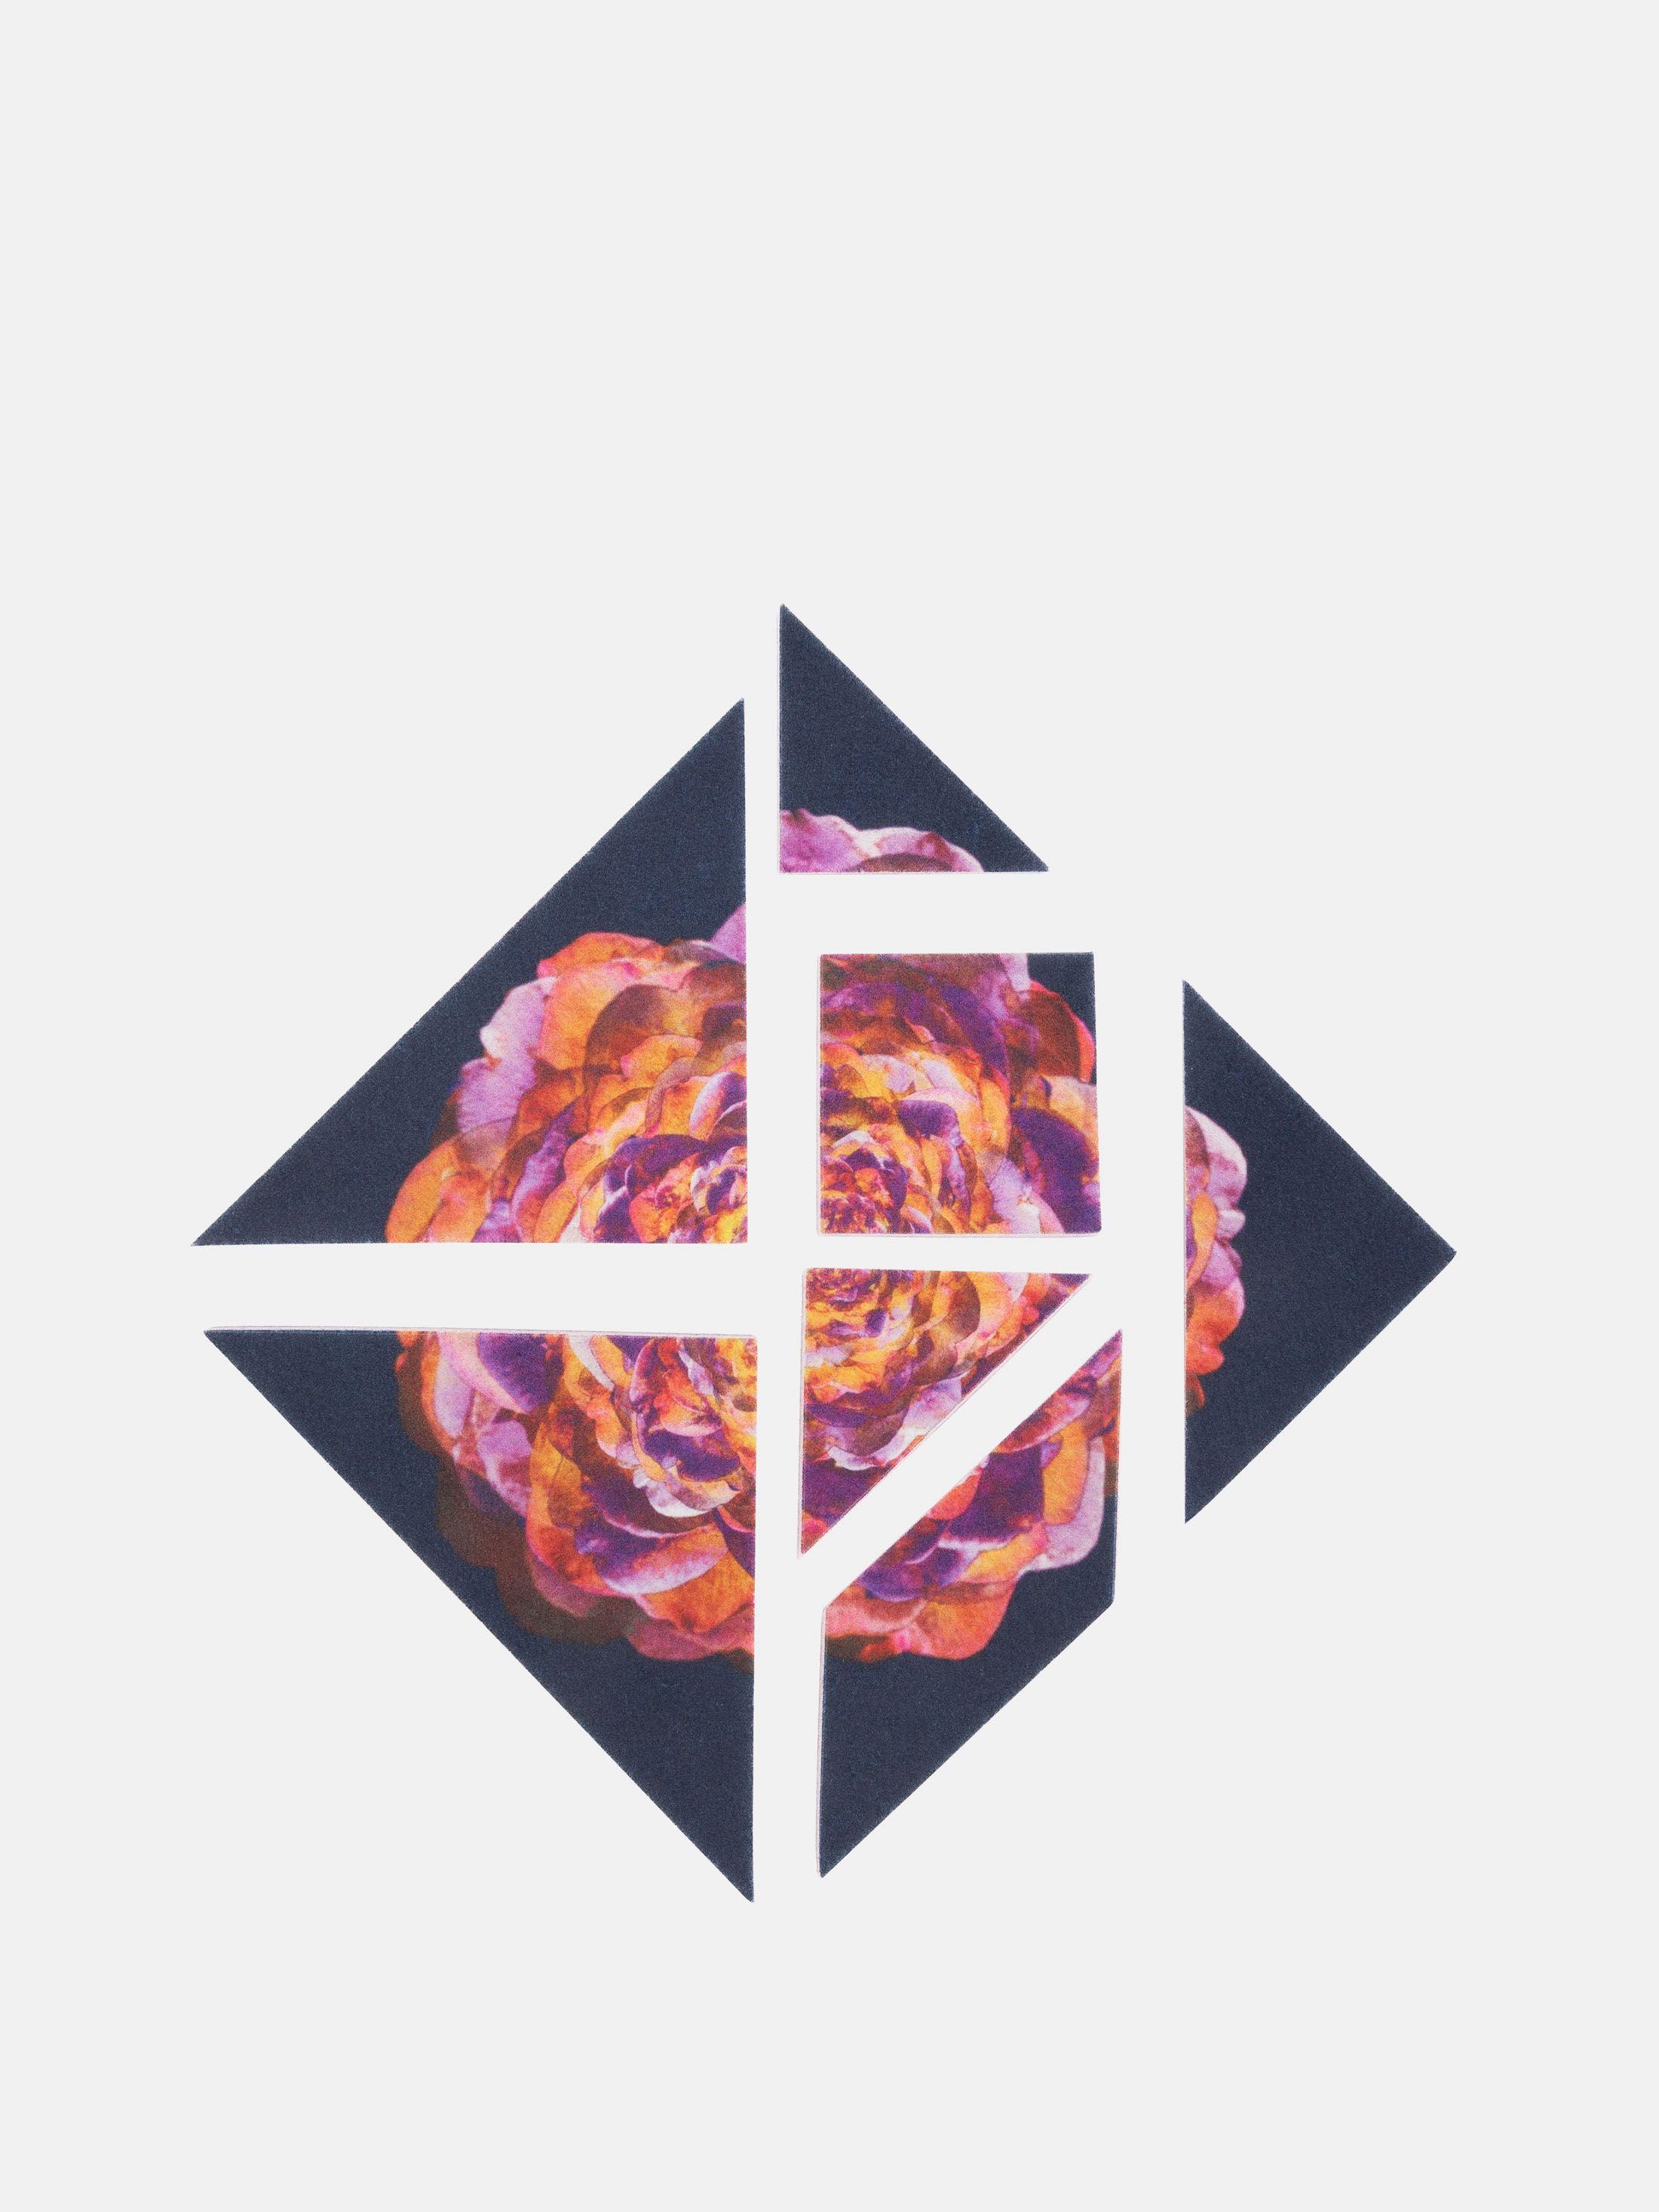 Tangram design printed design for felt puzzle